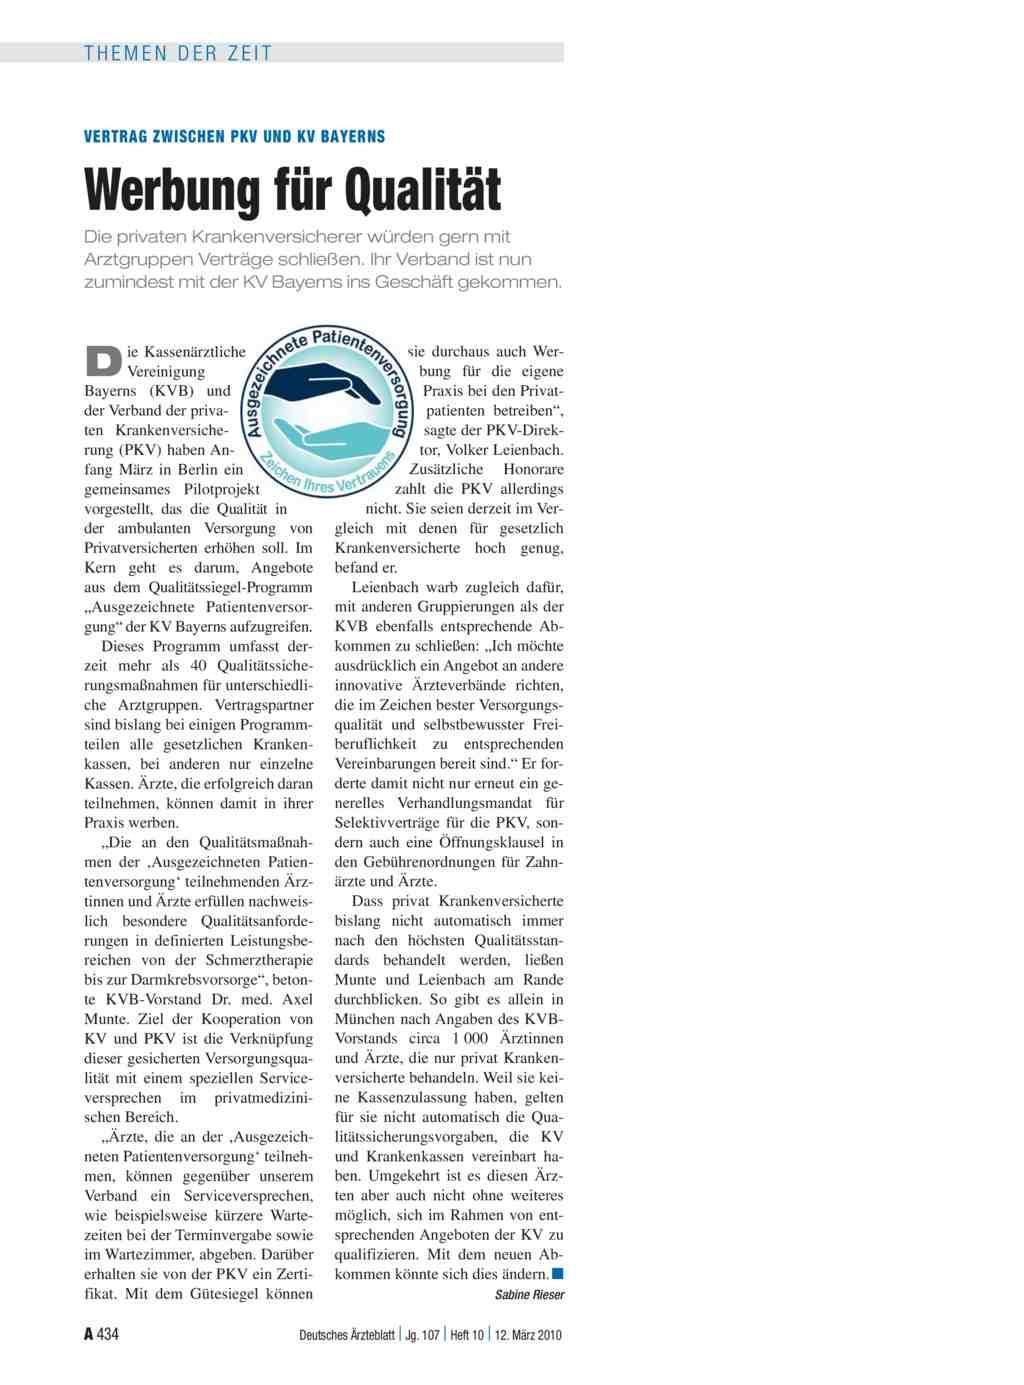 Vertrag Zwischen Pkv Und Kv Bayerns Werbung Für Qualität